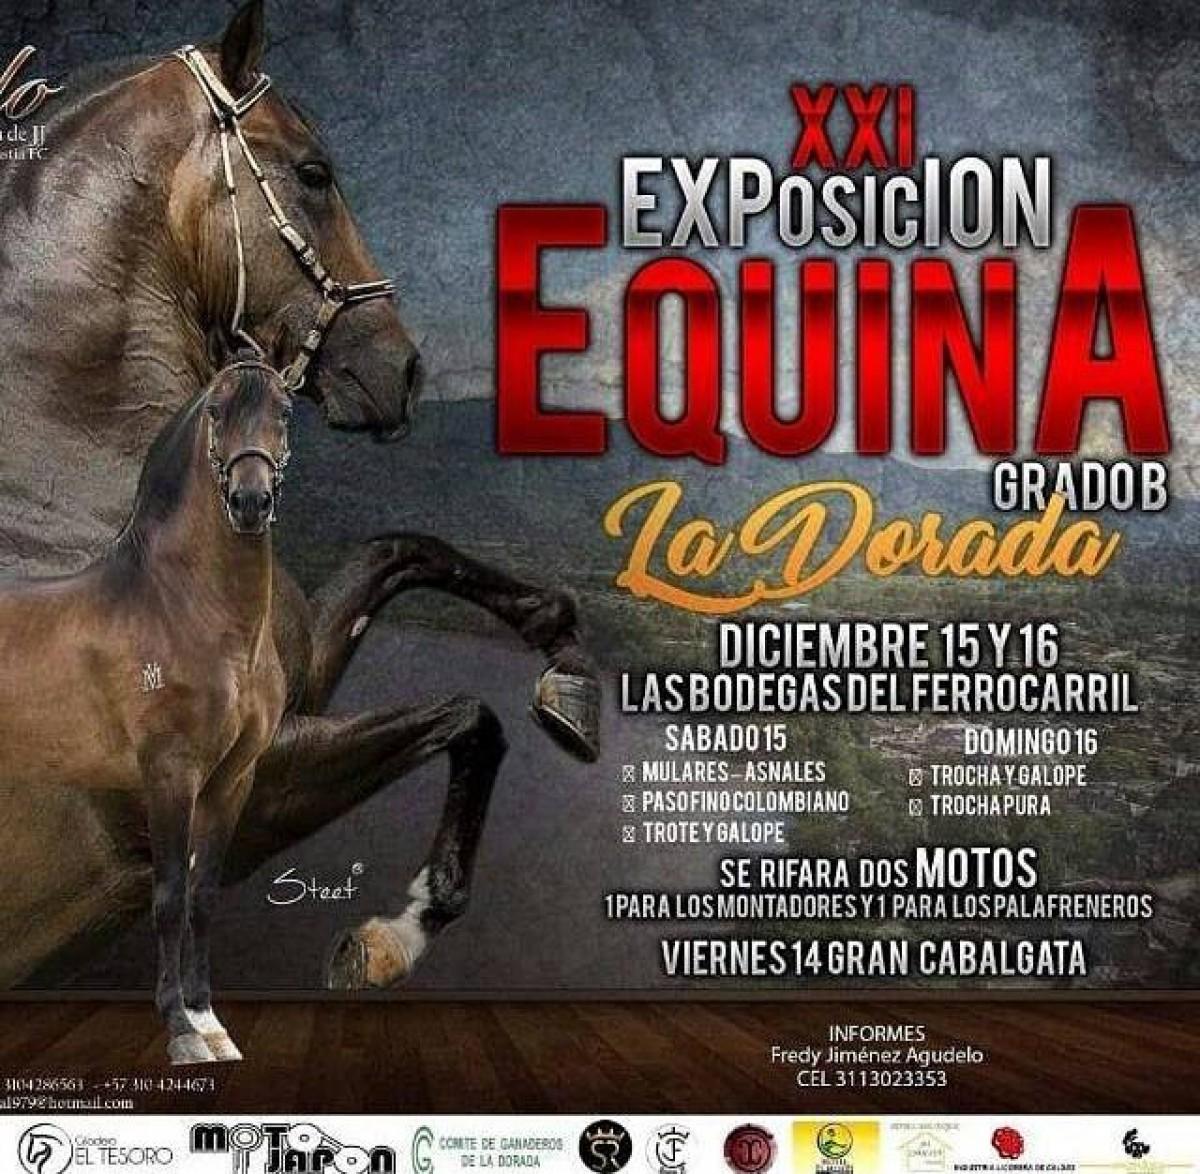 TRANSMISIÓN XXI Exposición Equina Grado B La Dorada, Diciembre 15 y 16